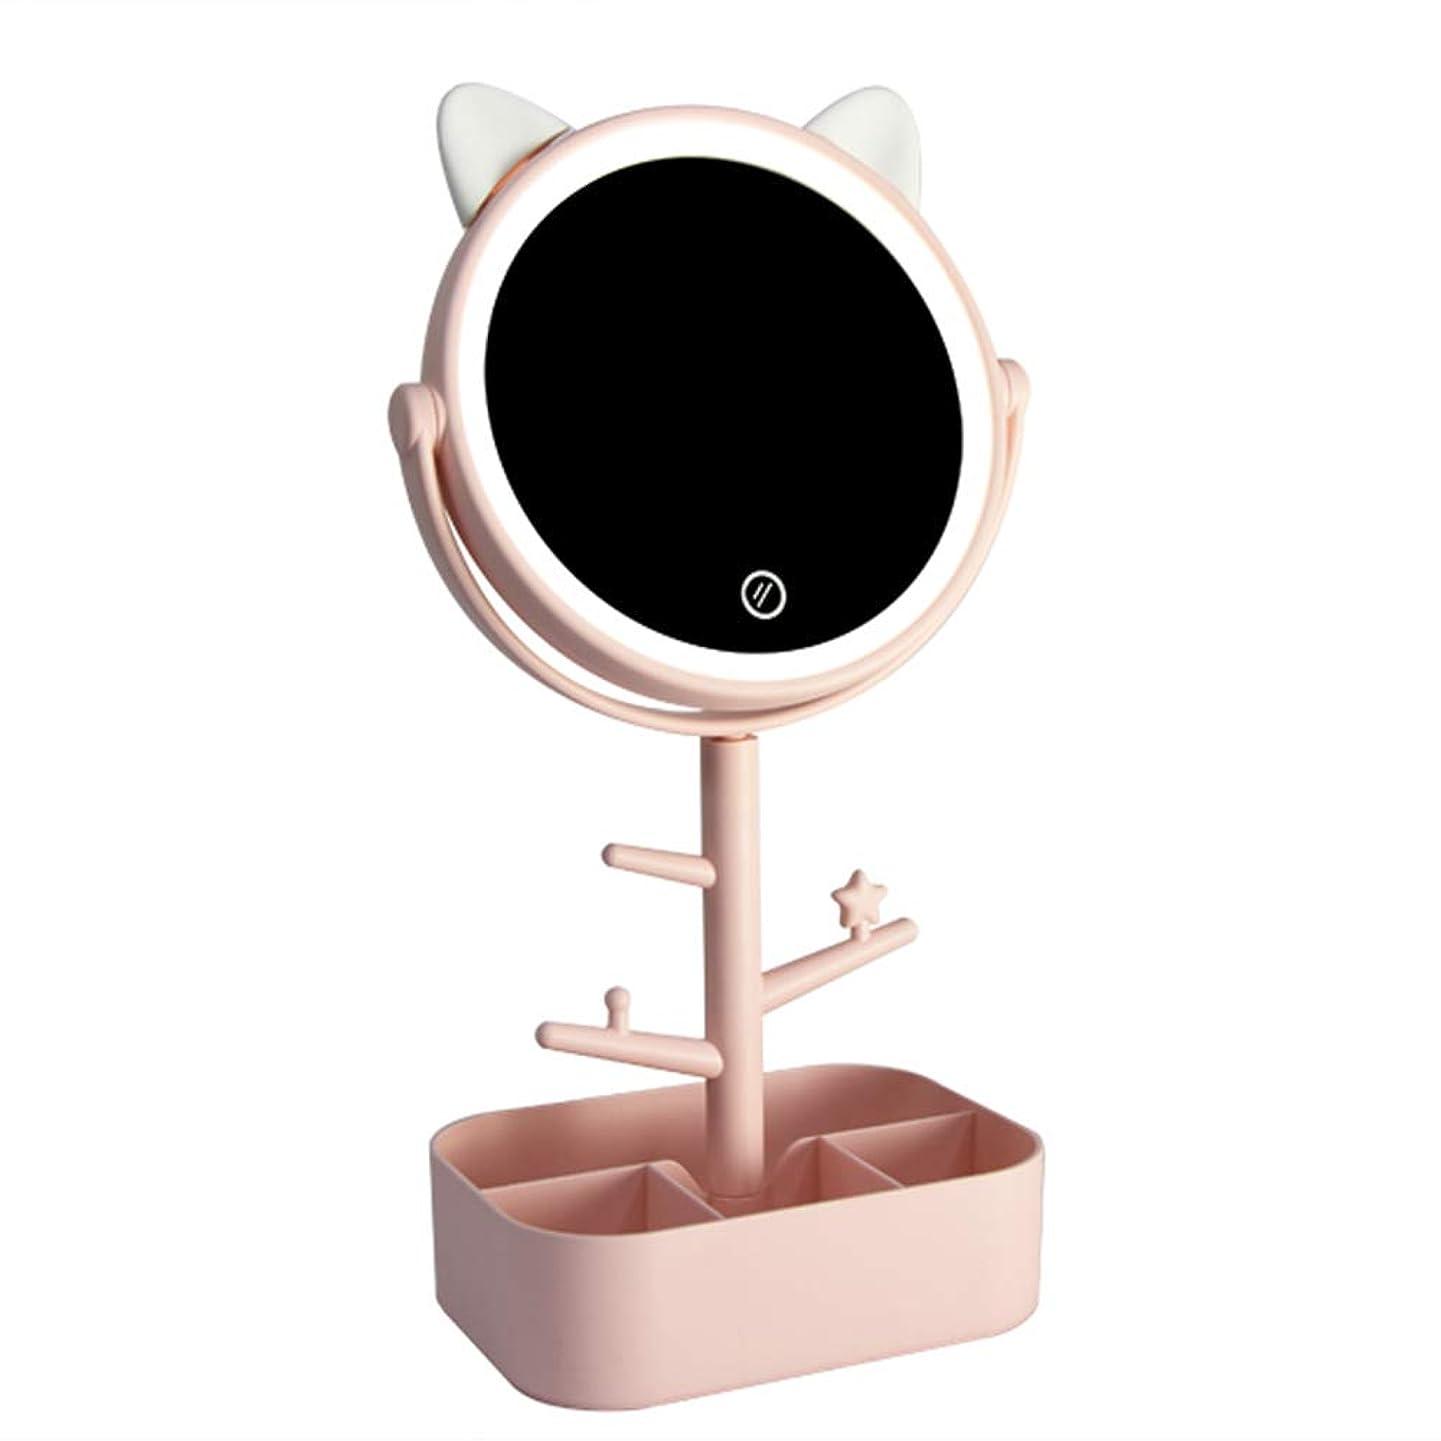 公平な統計的通知するLecone LED化粧鏡 女優ミラー 卓上ミラー 180度調整可能 スタンドミラー LEDライト メイク 化粧道具 円型 収納ケース 可収納 USB給電 (猫ーピンク)